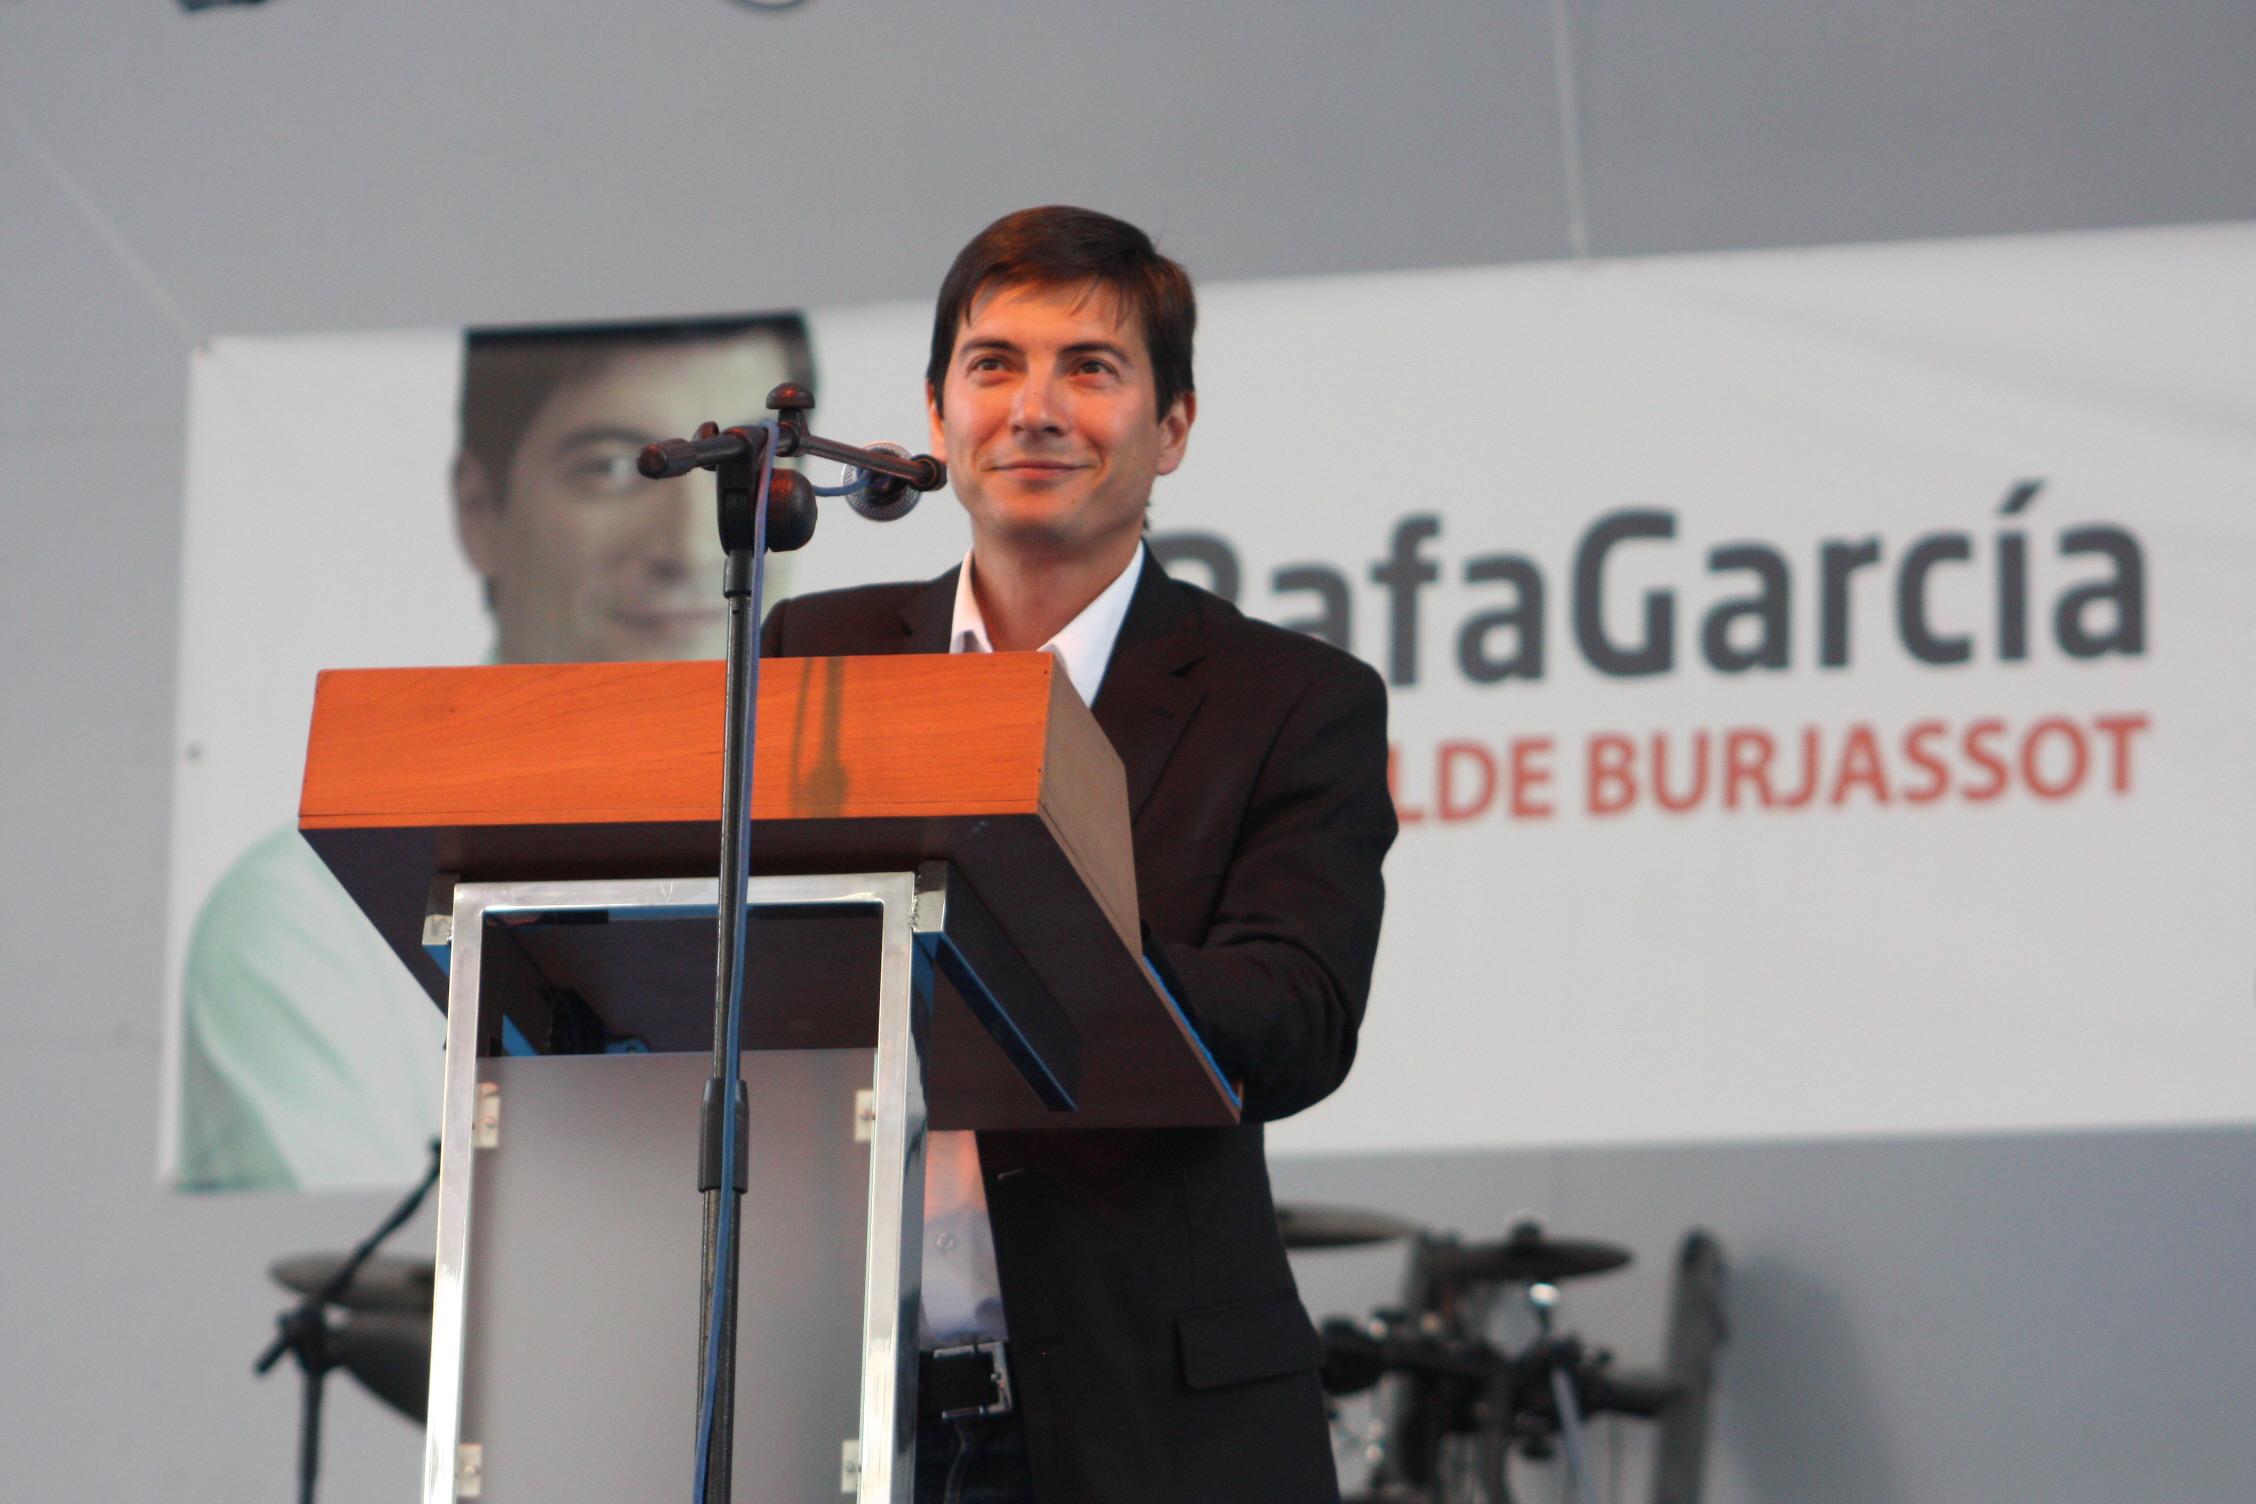 García seguirá peleando para que la Generalitat soterre el tren a su paso por Burjassot